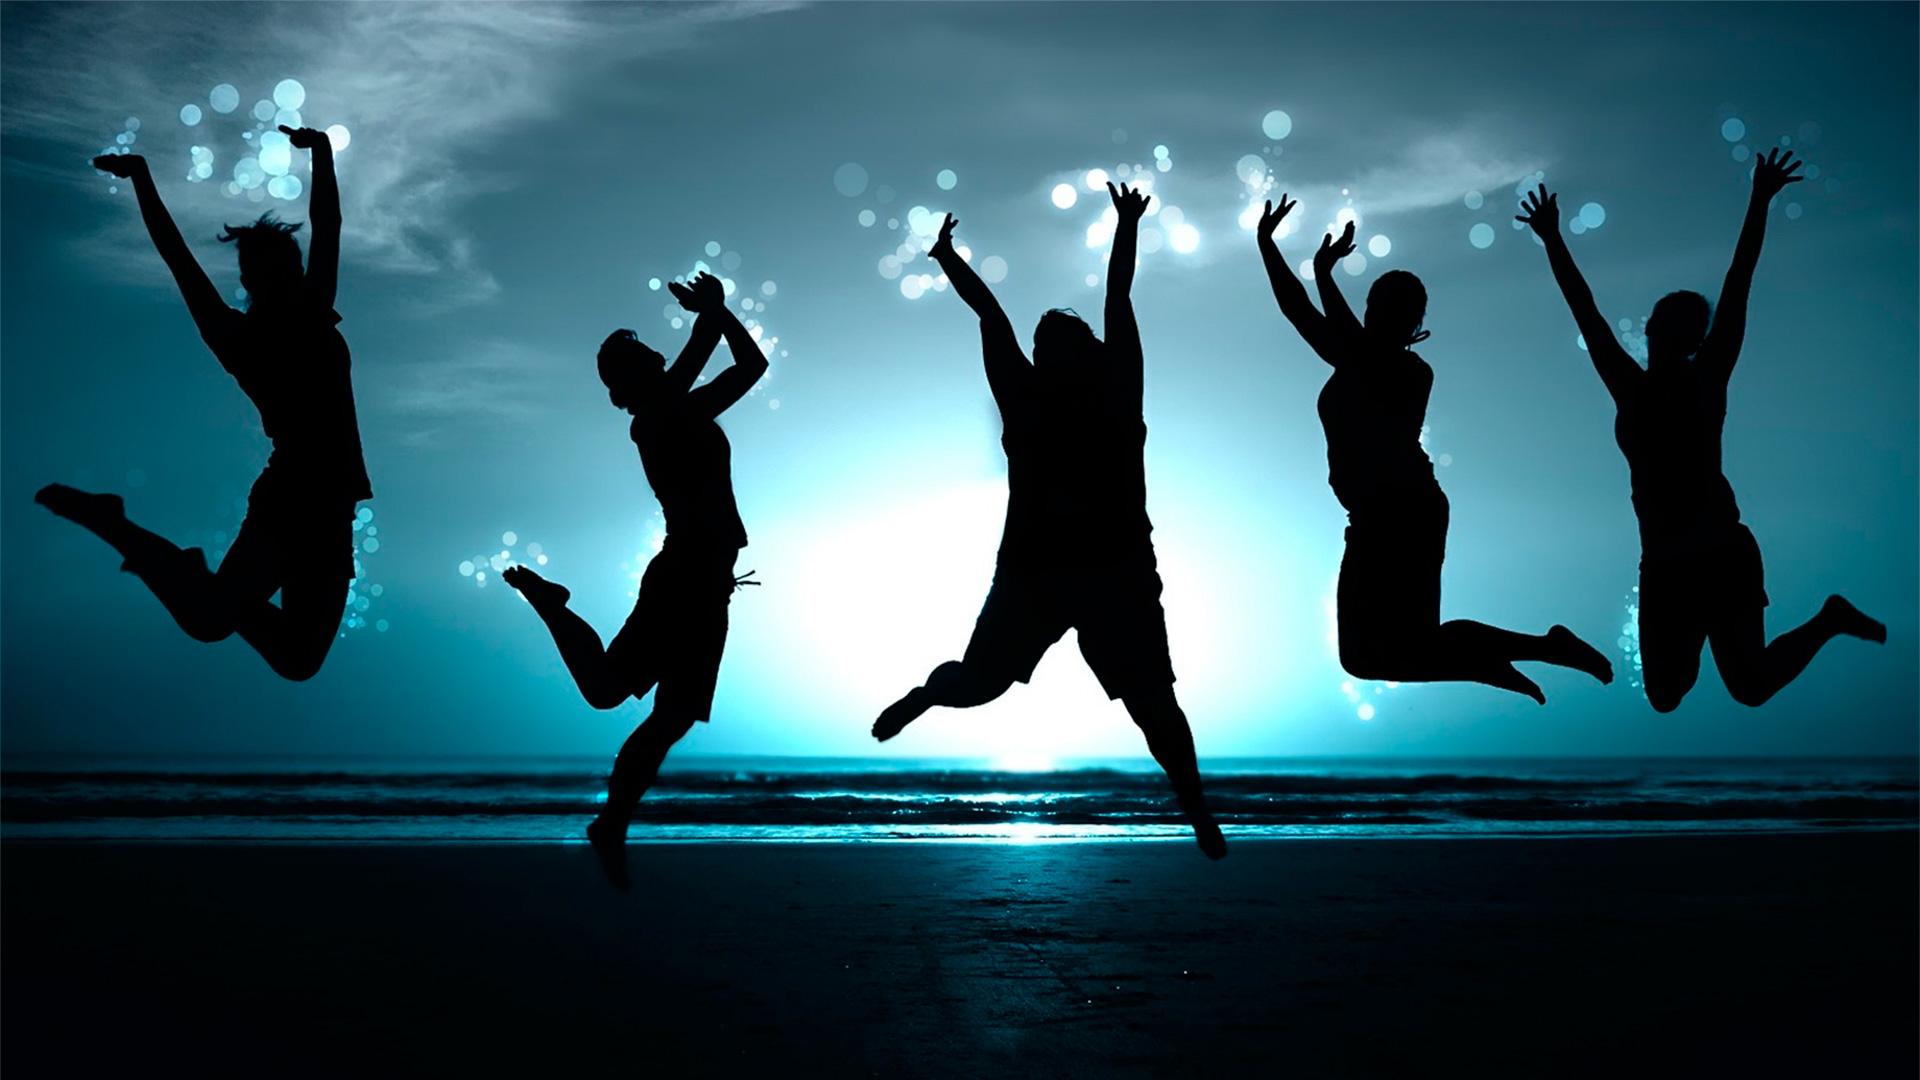 attività fisica migliore, esercizio fisico, divertimento